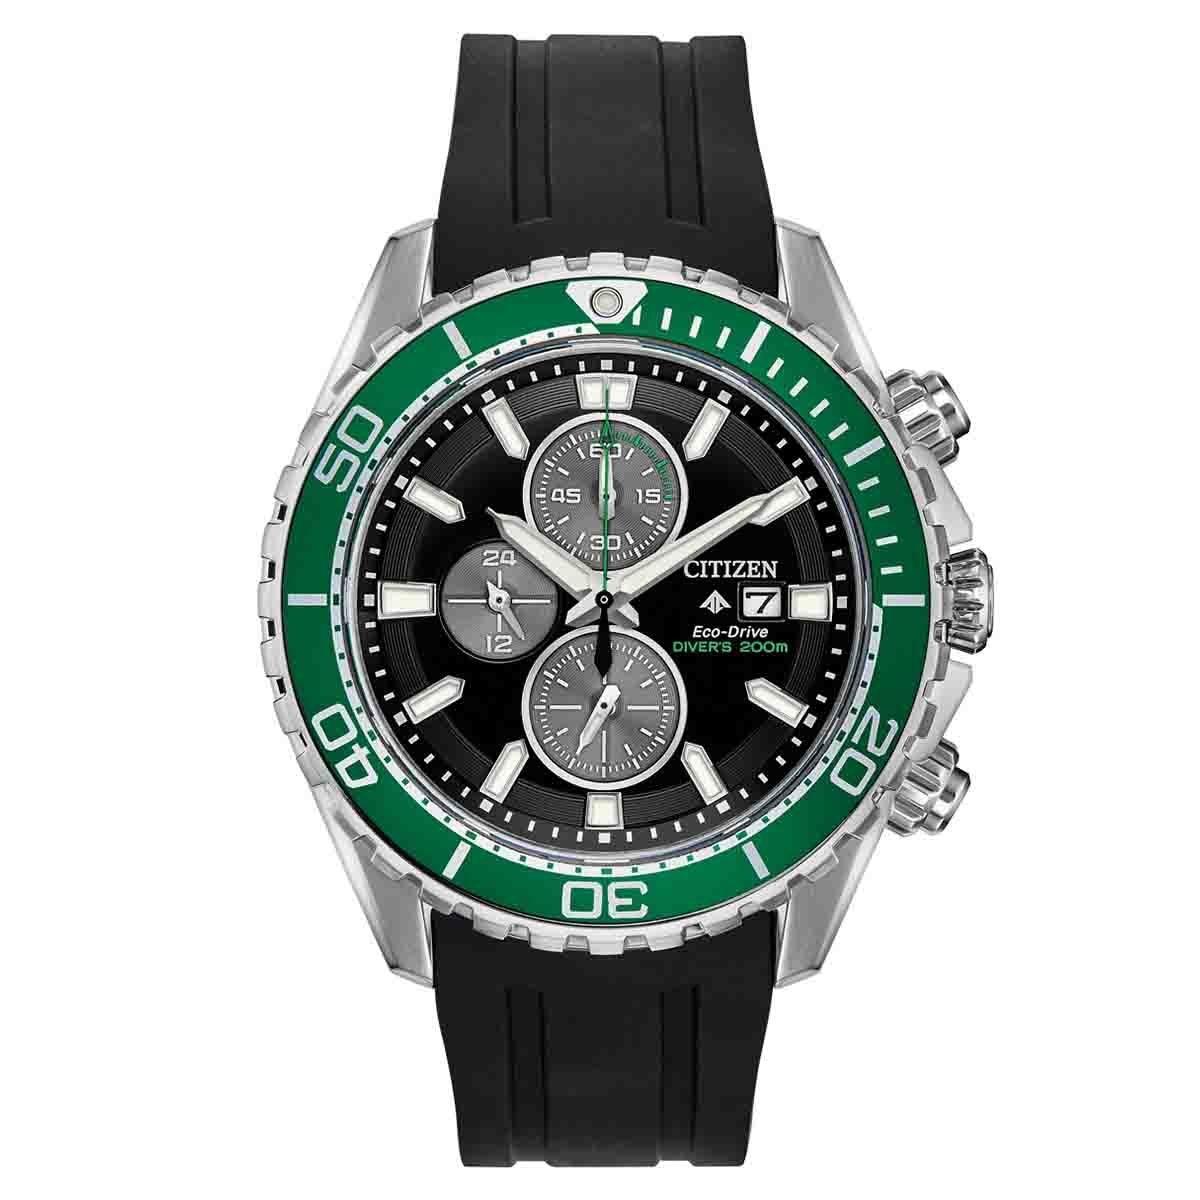 Reloj para Caballero Promaster Diver Citizen